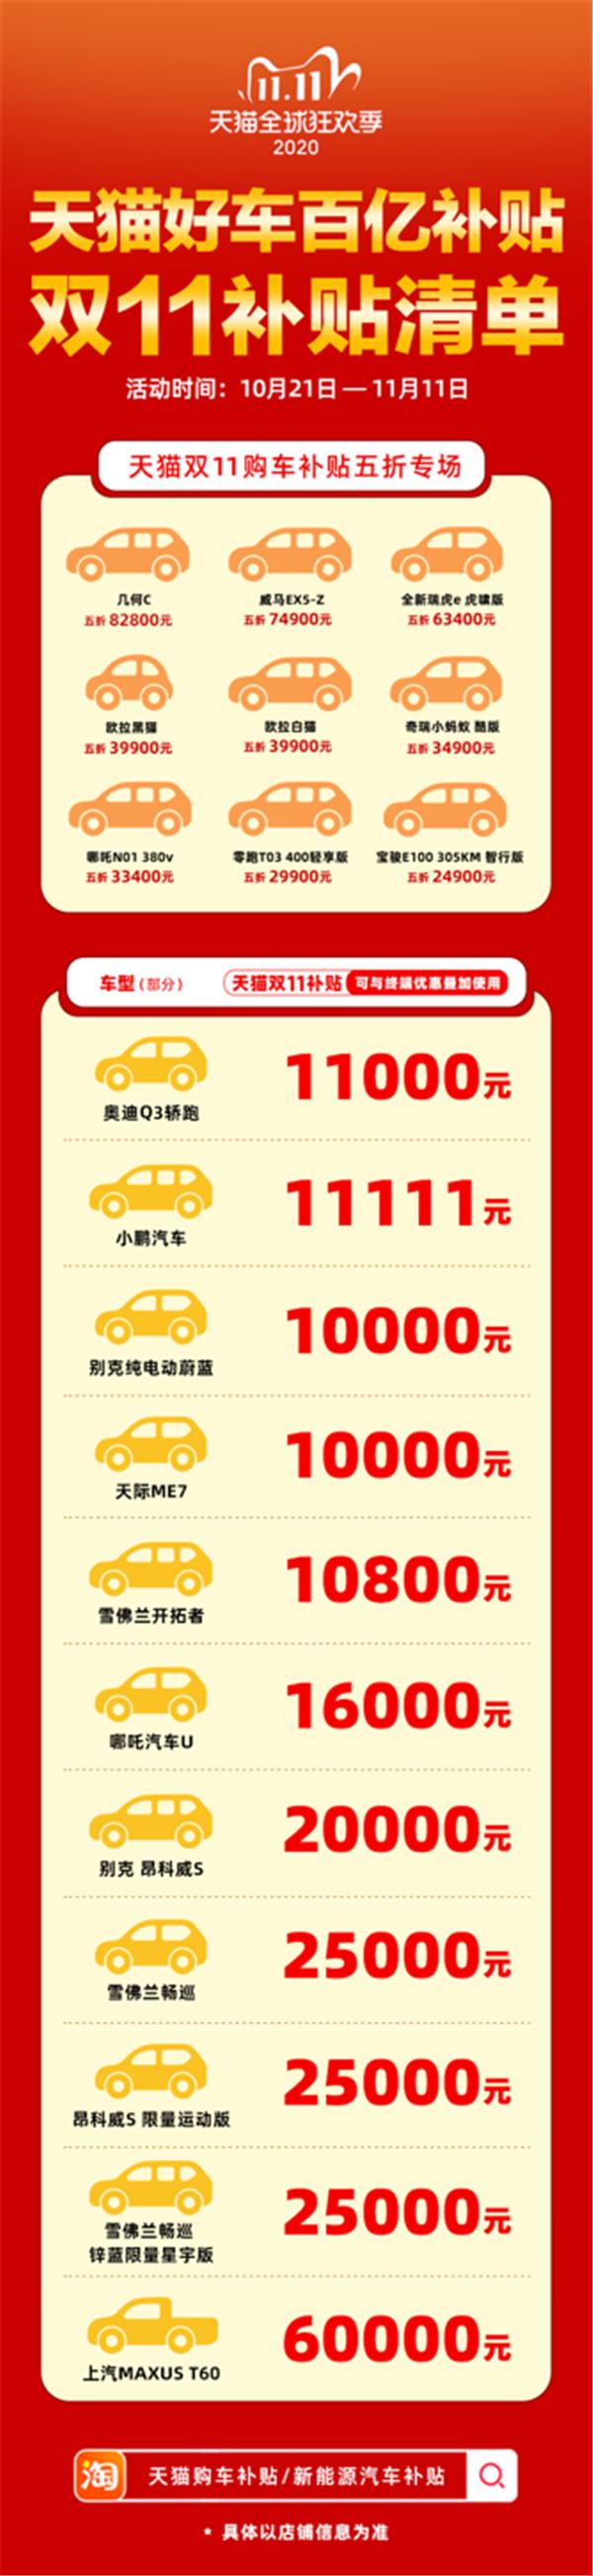 20万台热销车参与天猫双11补贴 最低5折